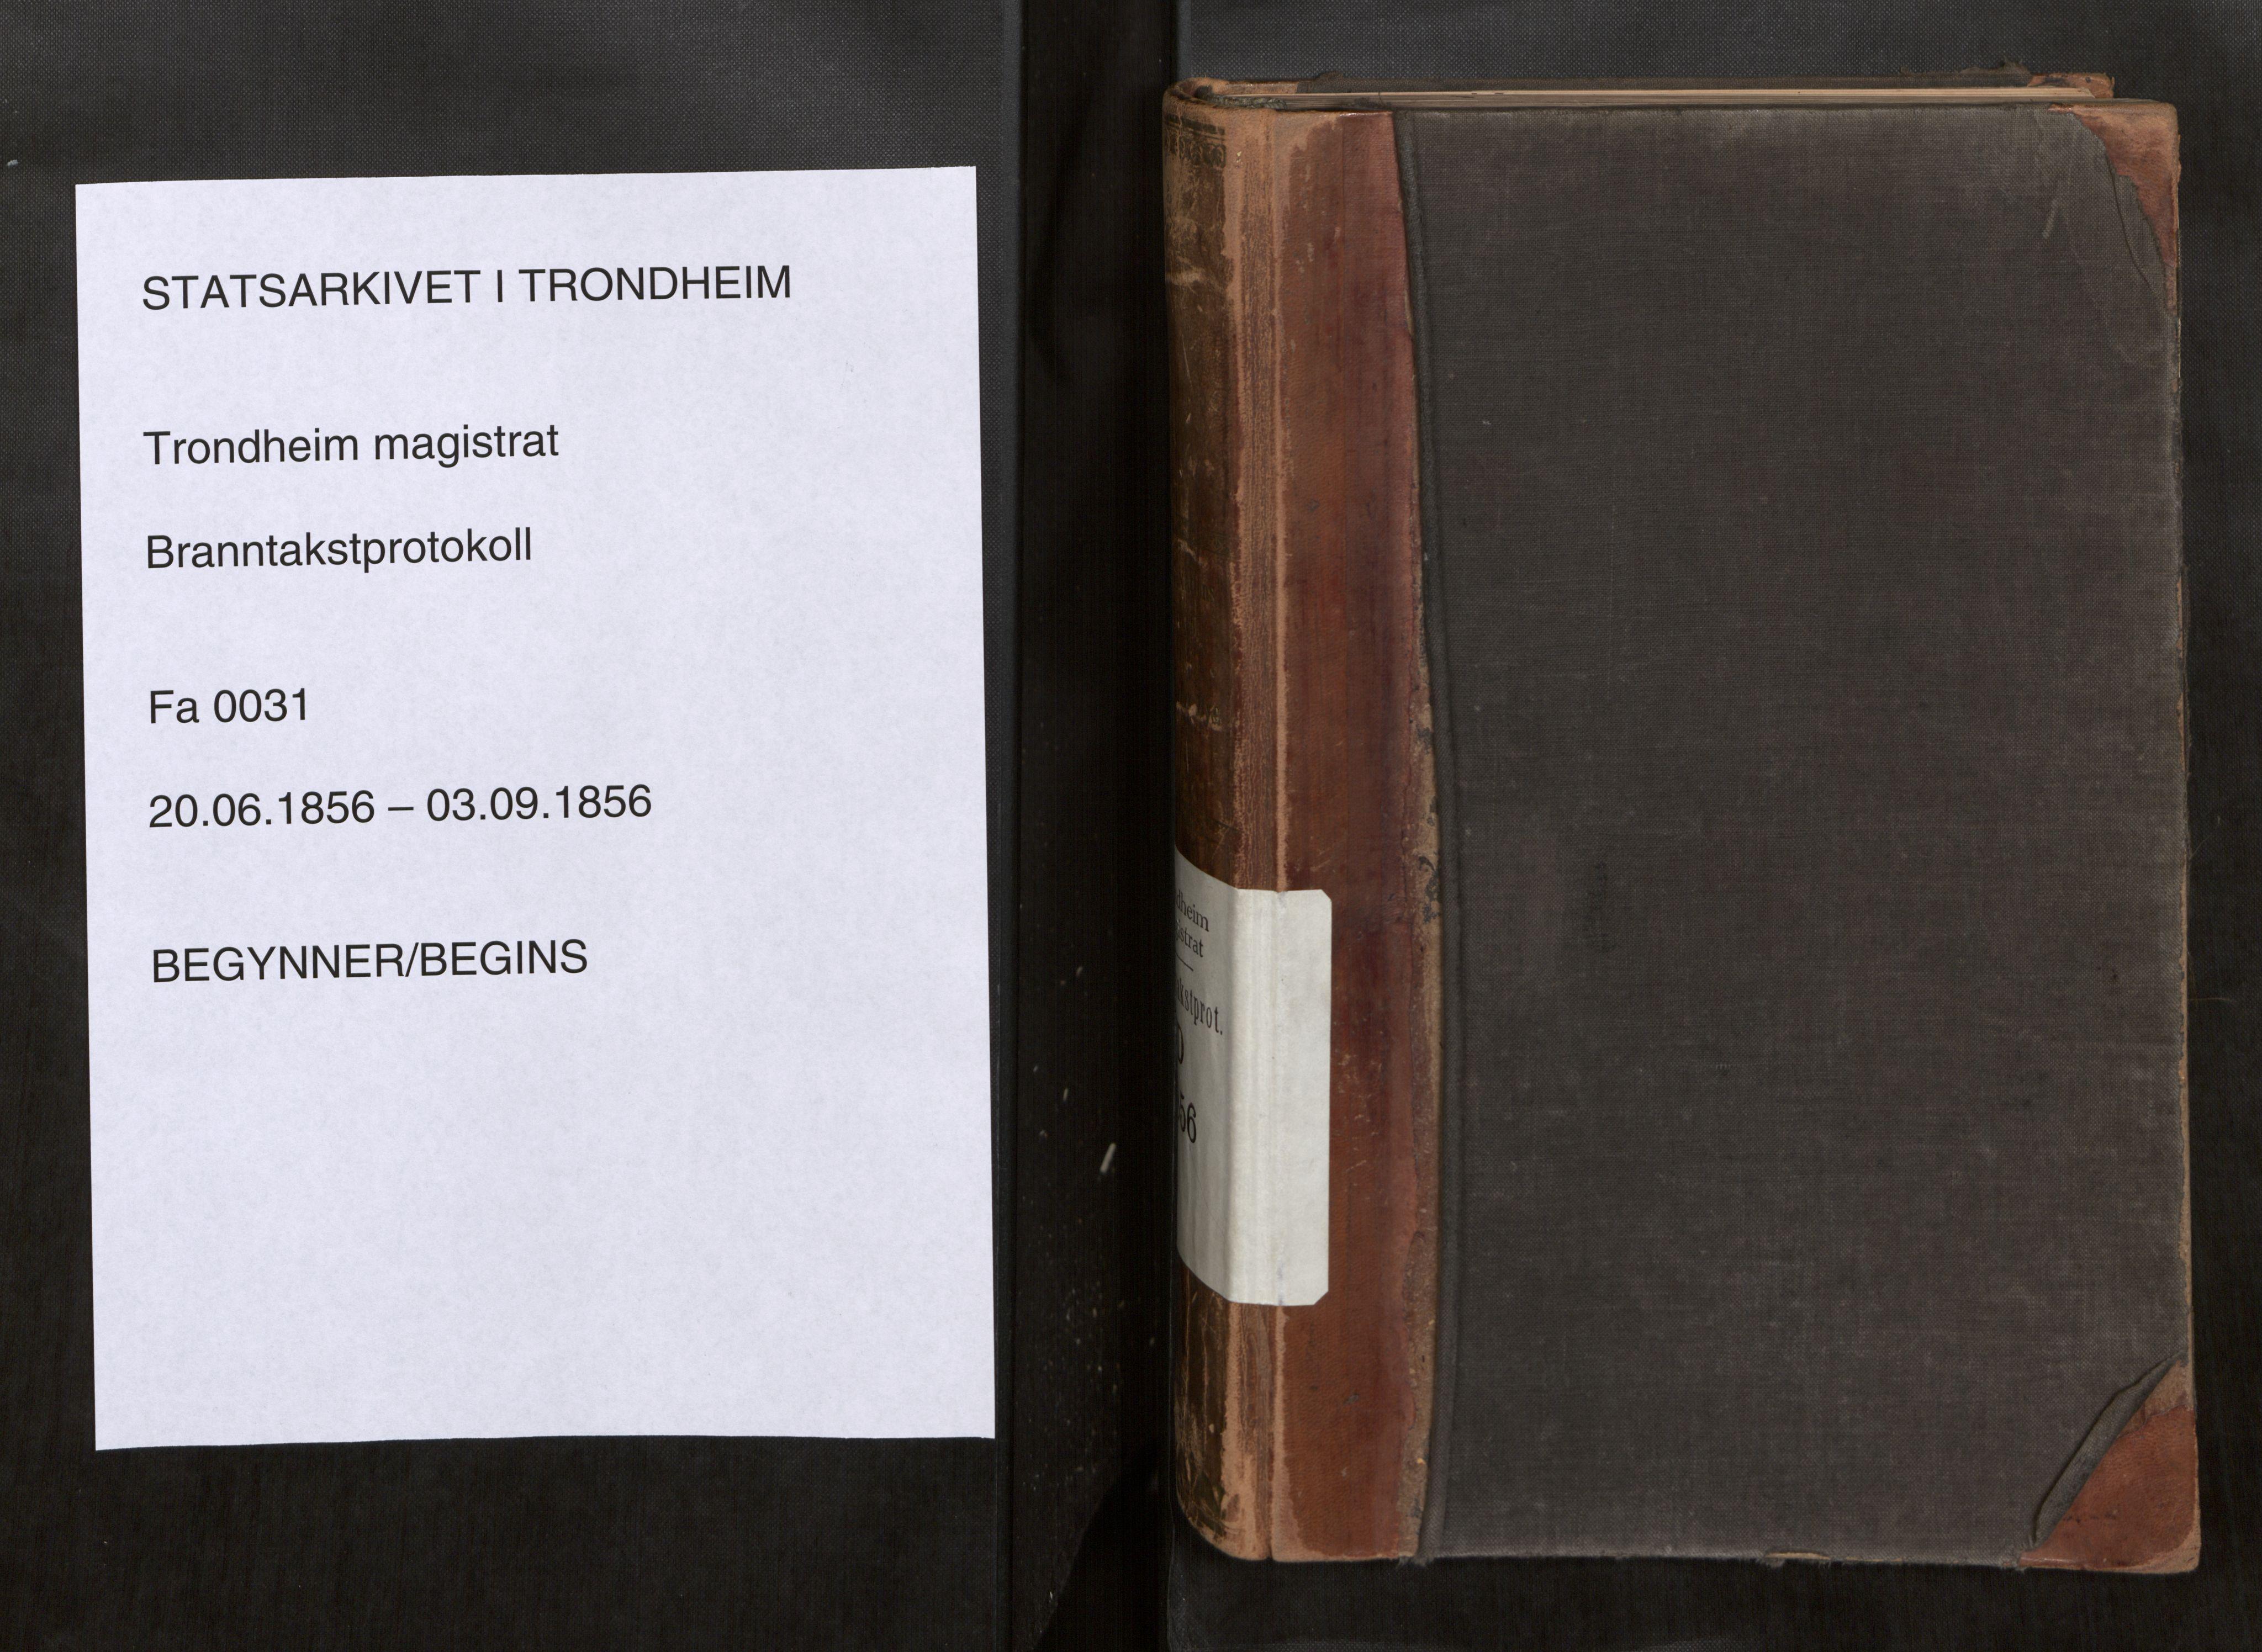 SAT, Norges Brannkasse Trondheim magistrat, Fa/L0034: Branntakstprotokoll D, 1856